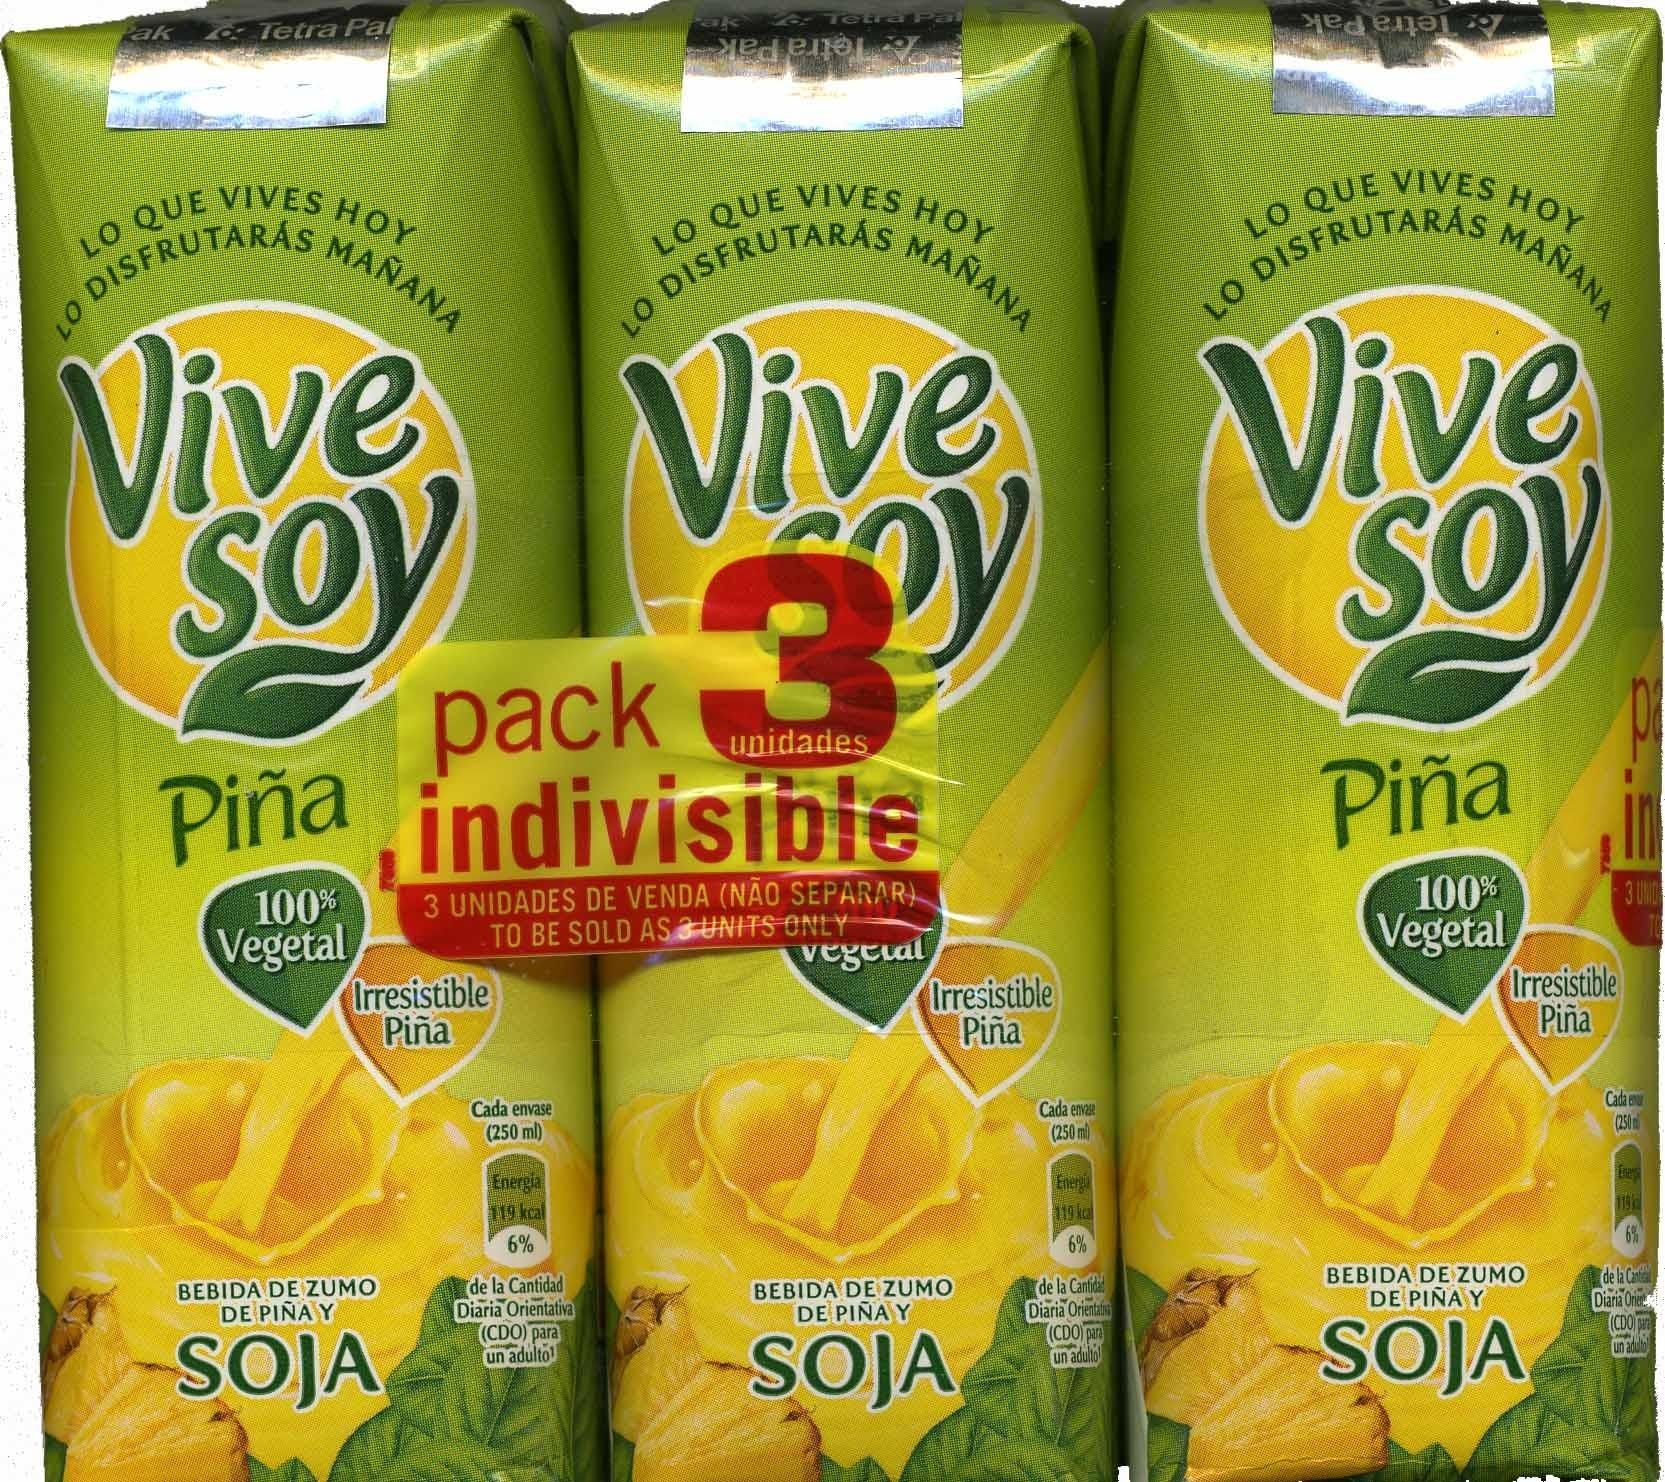 Bebida de zumo de piña & soja - Producte - es